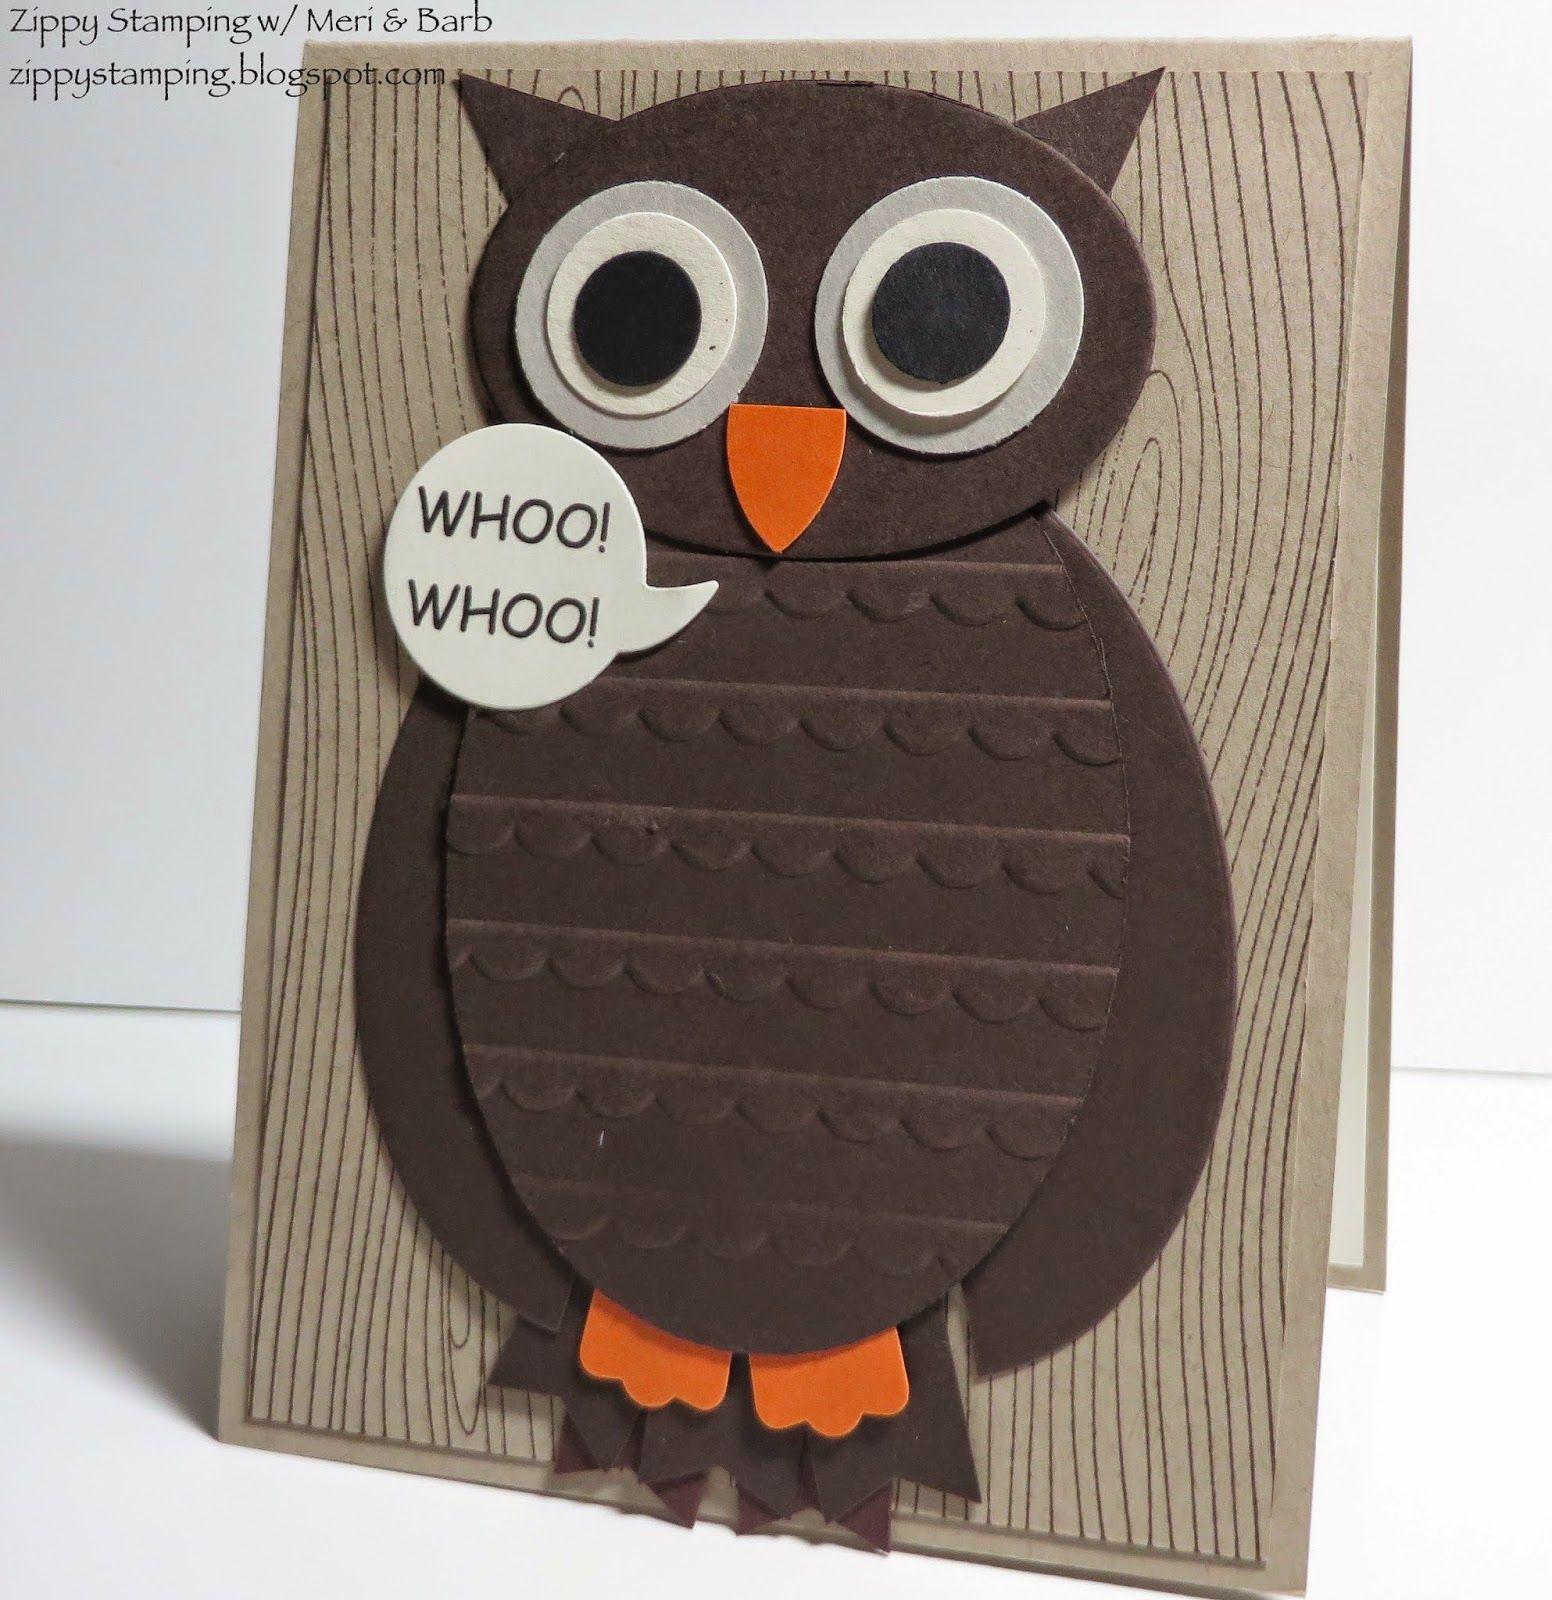 Zippy Stamping w/ Meri & Barb, Owl Punch Art